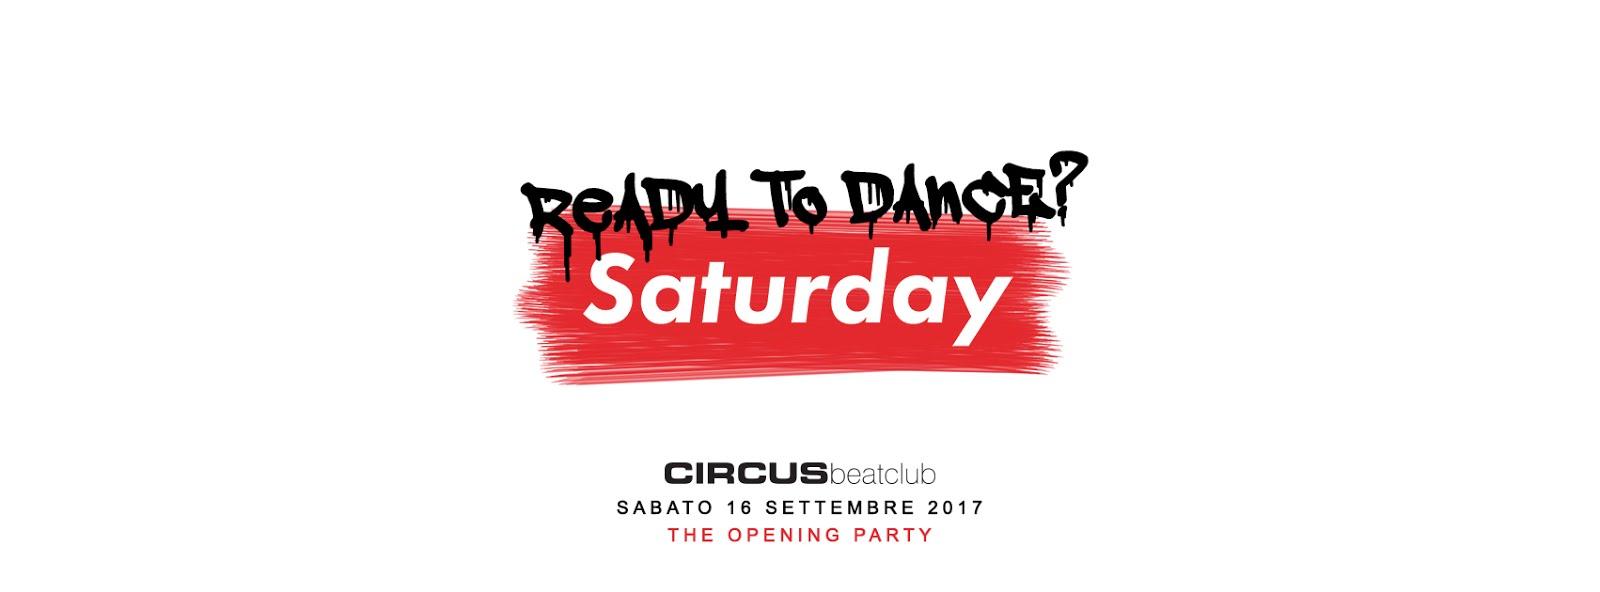 Circus beatclub - Brescia, il 16 settembre Saturday Opening Party: Ready to dance?